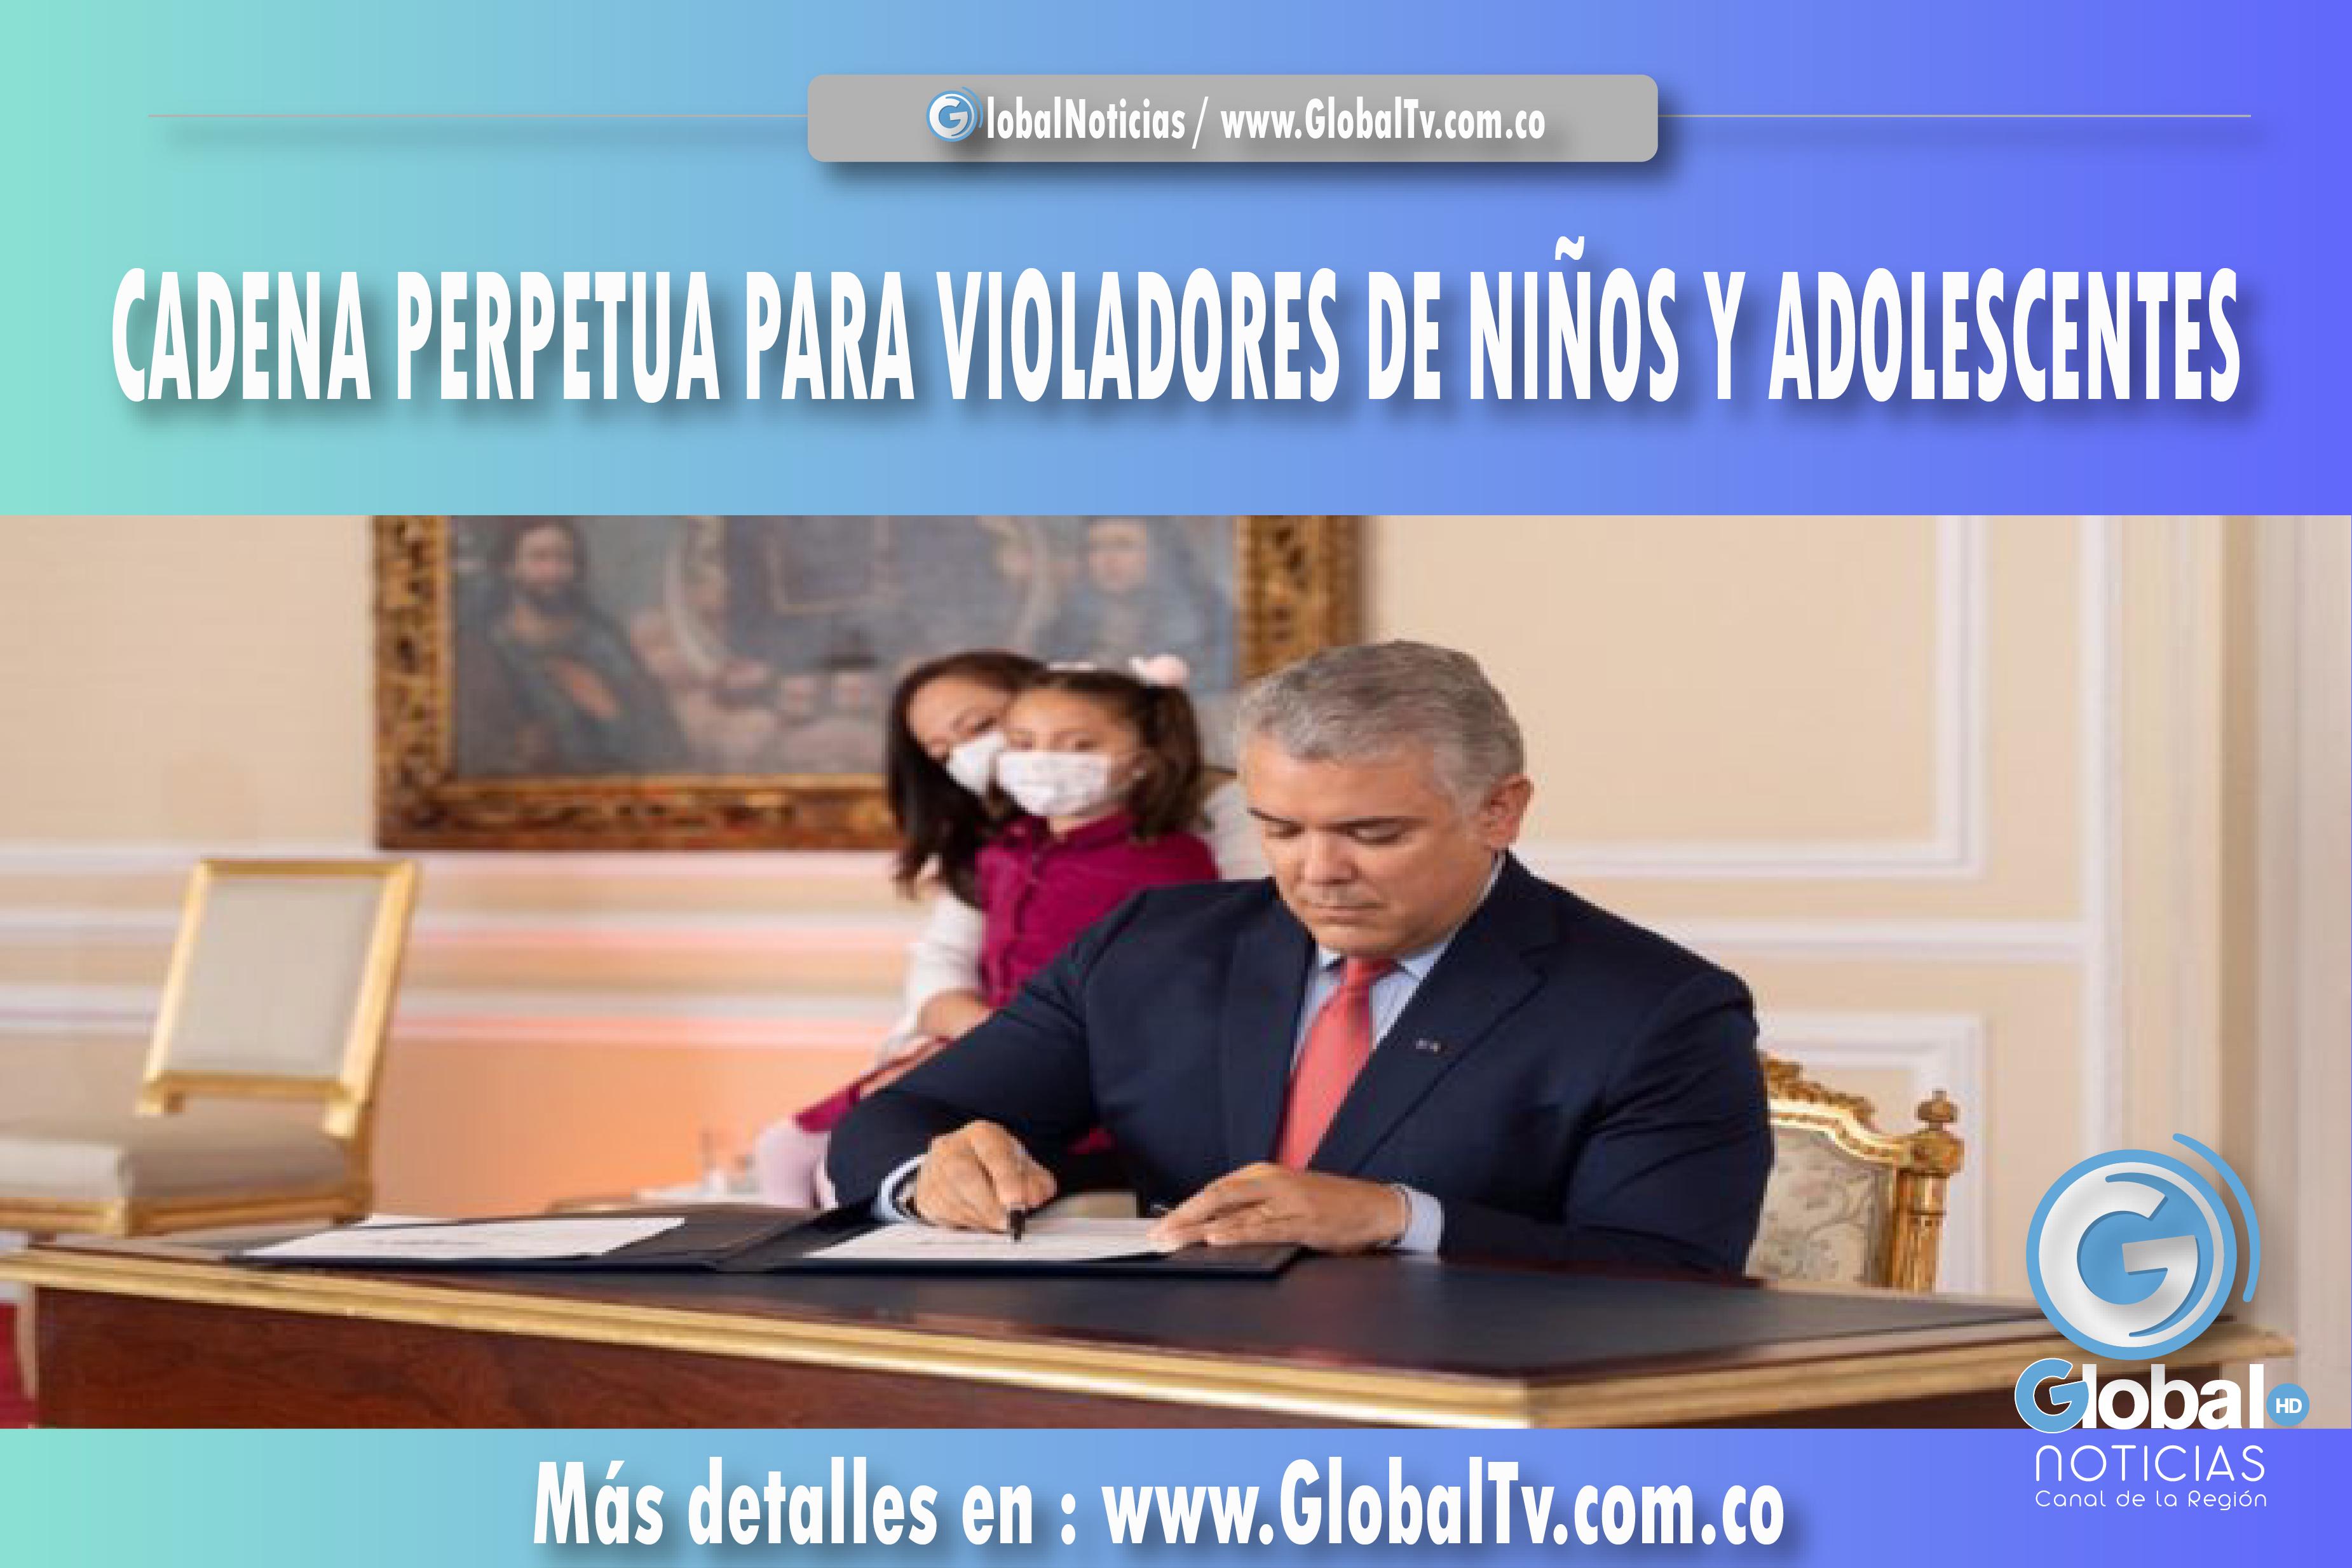 CADENA PERPETUA PARA VIOLADORES DE NIÑOS Y ADOLESCENTES